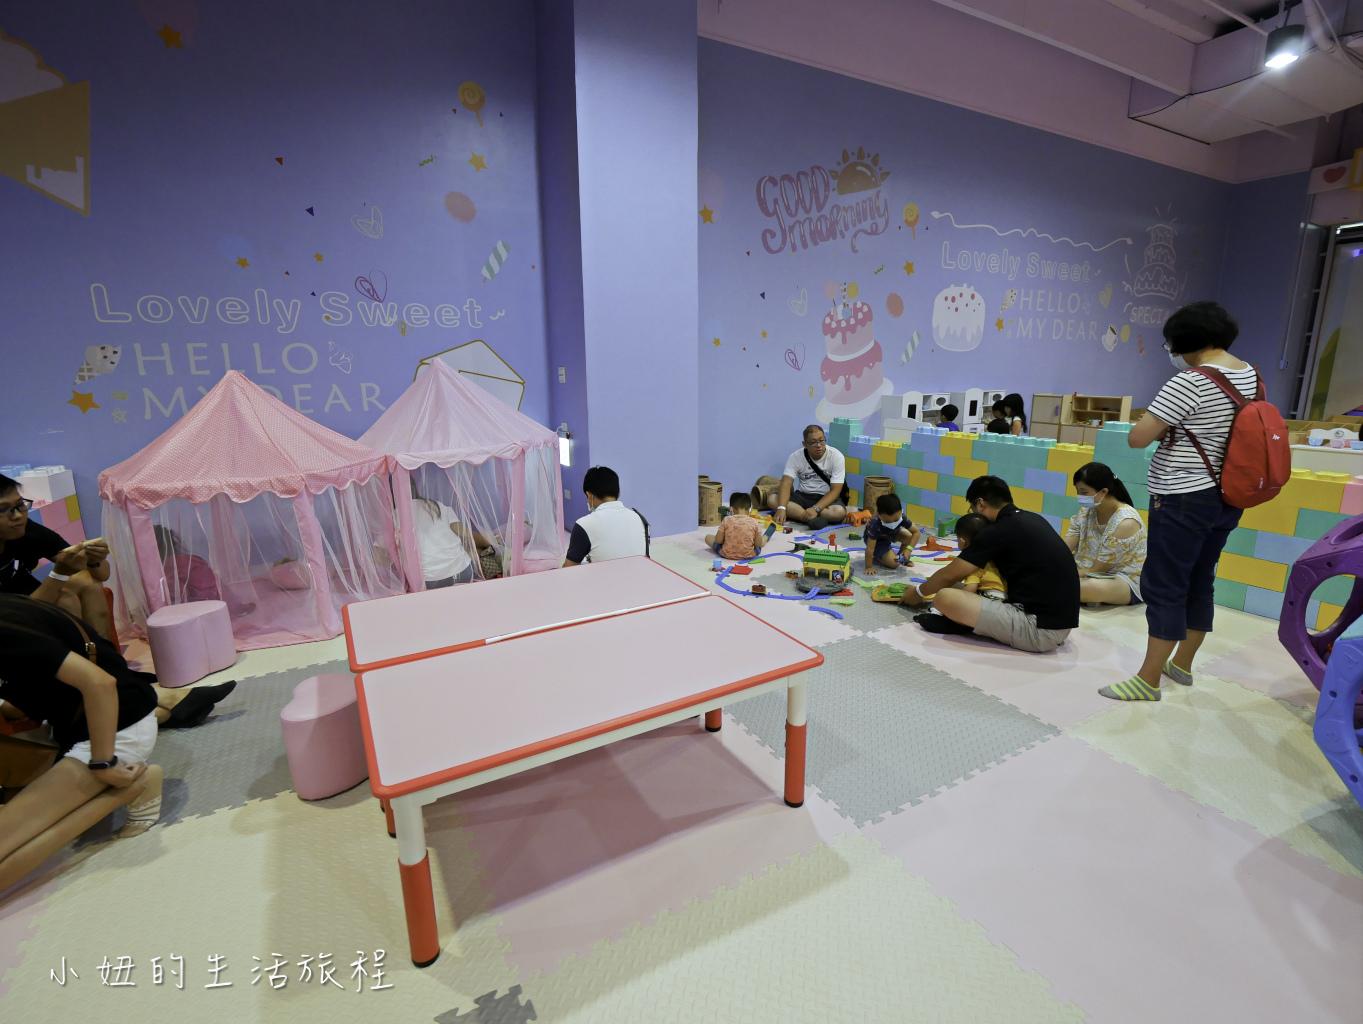 大里藝術廣場,異想新樂園-57.jpg